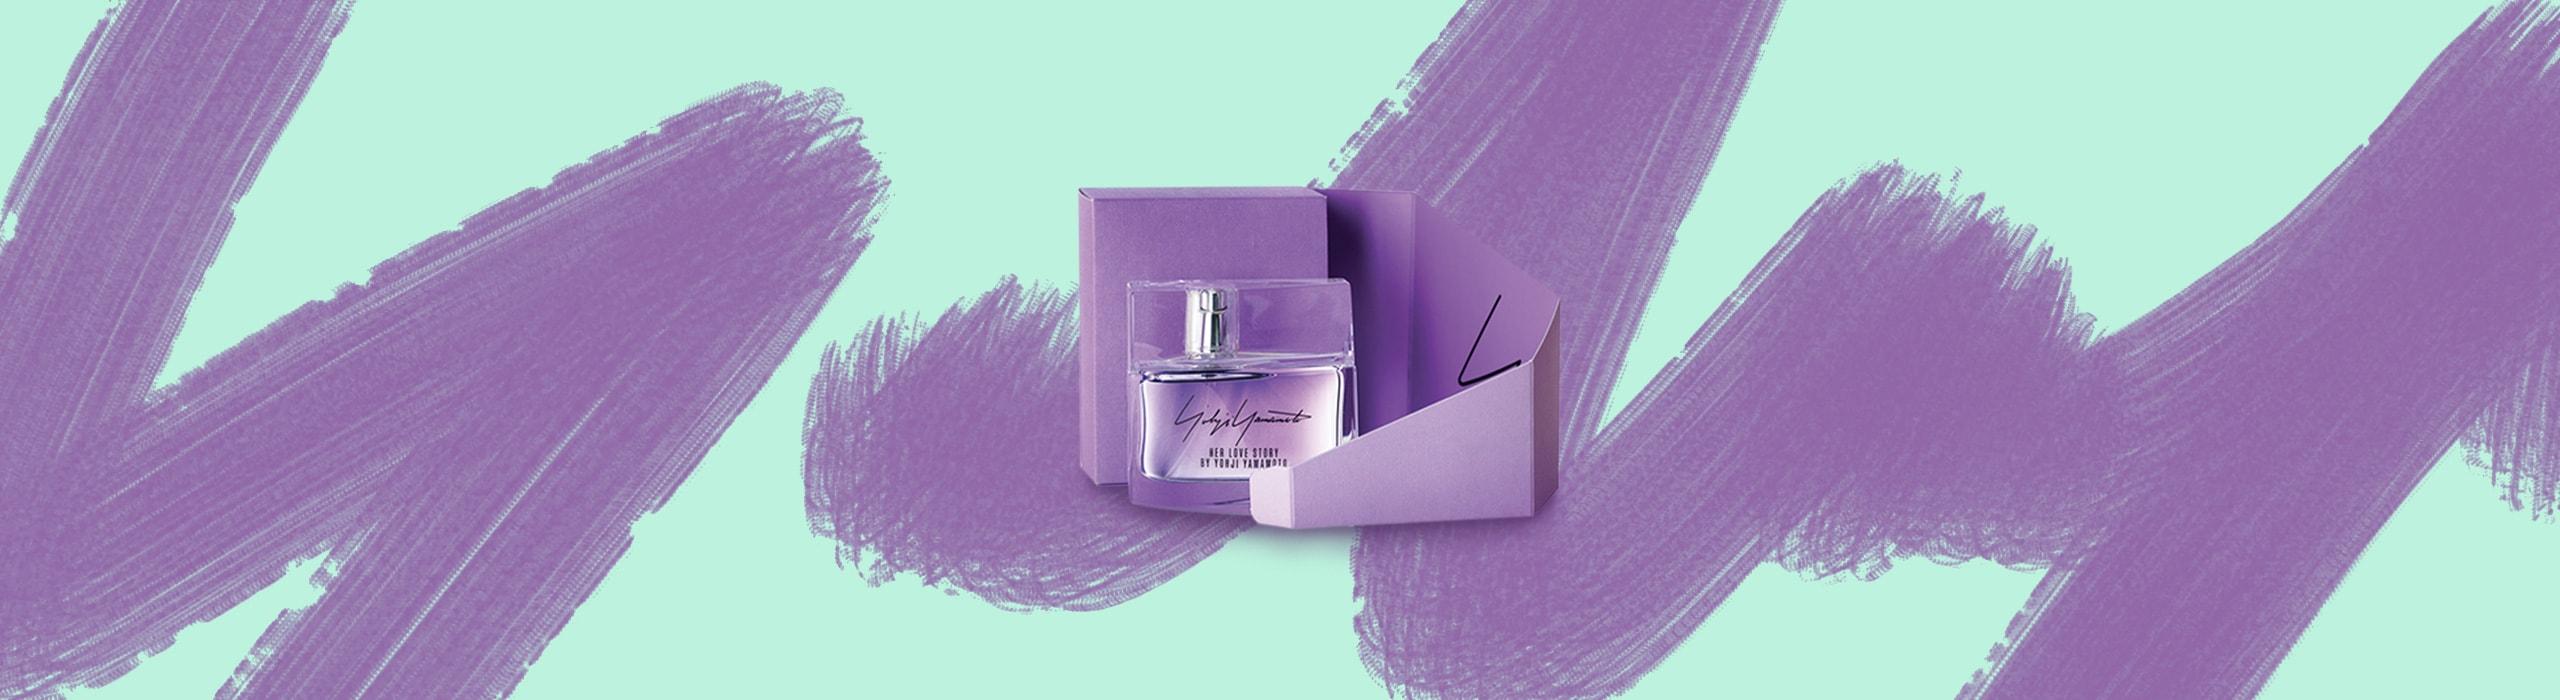 Yohji Yamamoto - natie-yohji-yamamoto-logo-packaging - Natie Branding Agency